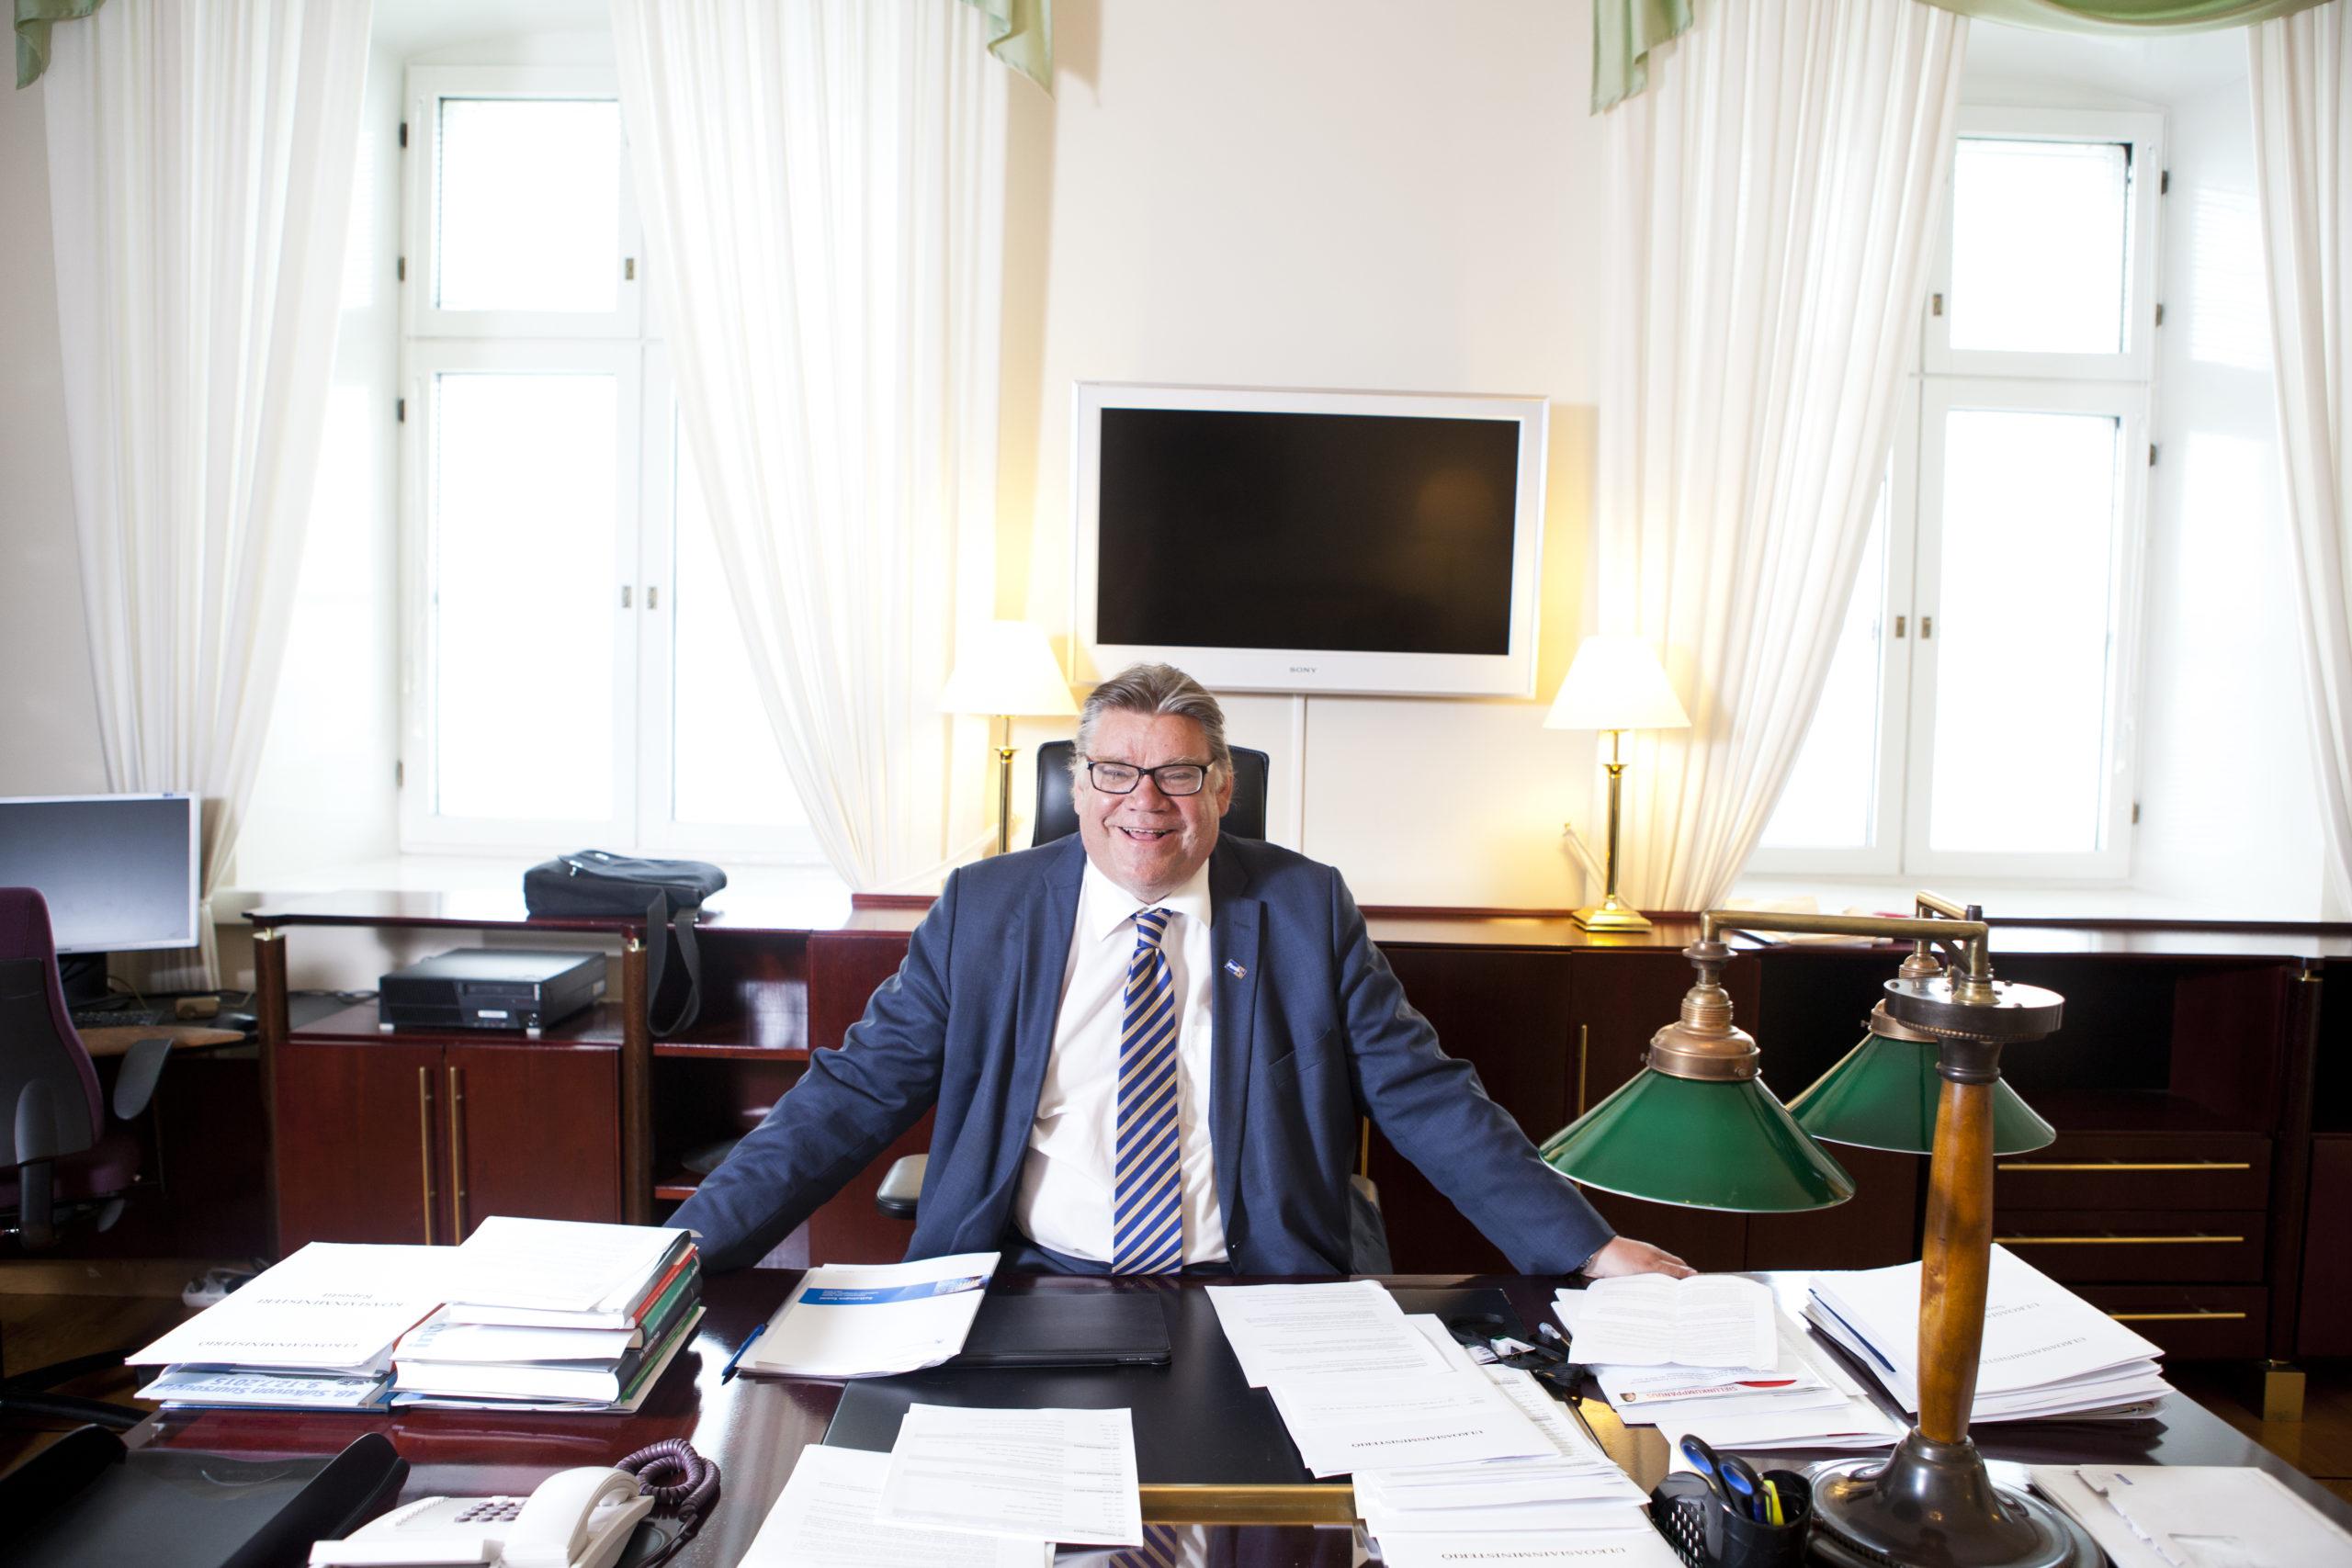 Uusi ulkoministeri nauttii oltavistaan Merikasarmilla. Työhuoneen ikkunoista avautuu näkymä Katajanokan jäänmurtajille ja merelle.